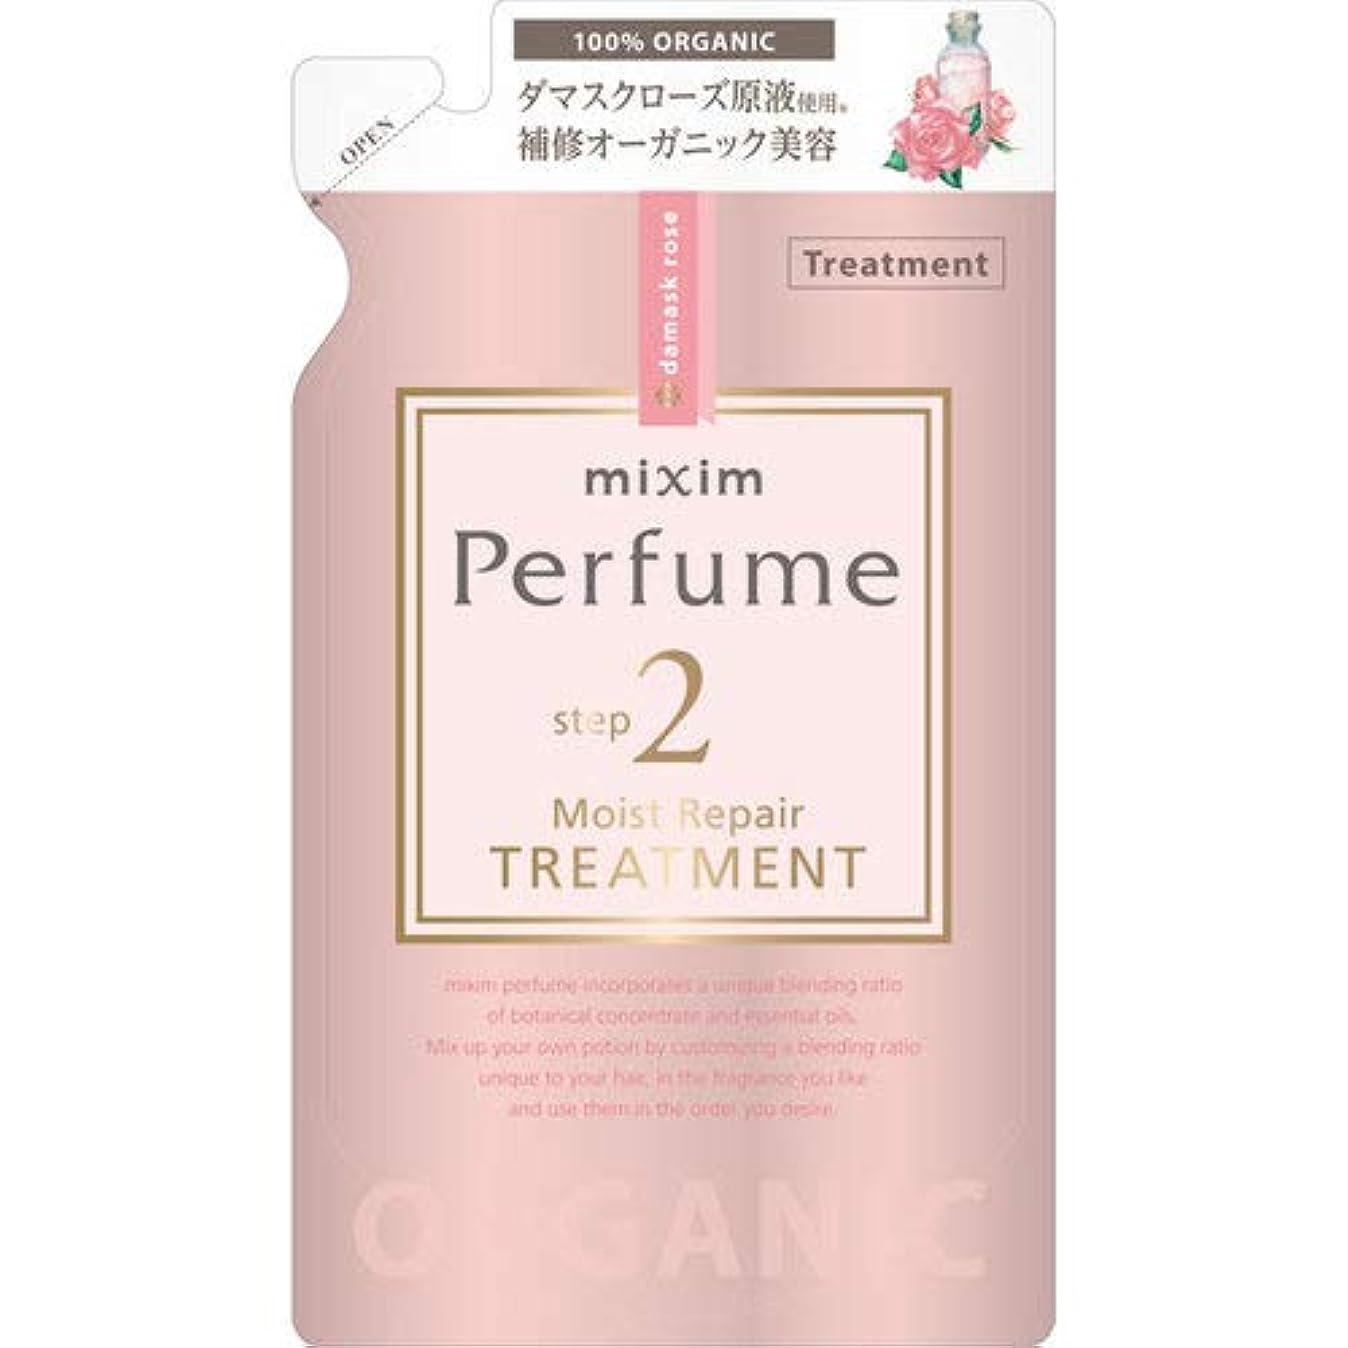 里親なめらか論文mixim Perfume(ミクシムパフューム) モイストリペア ヘアトリートメントつめかえ用 350g